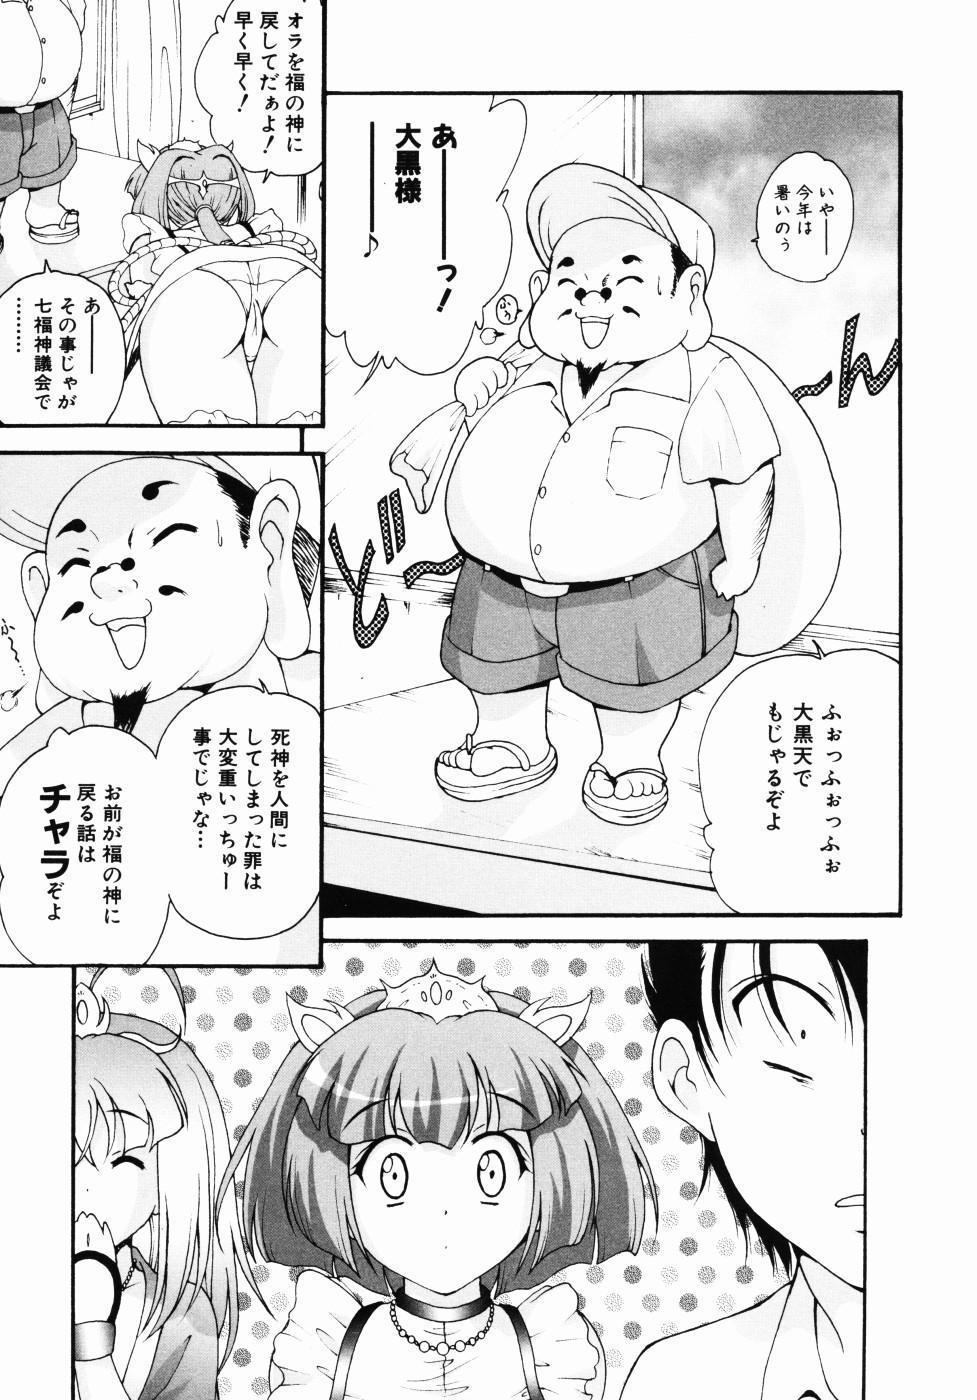 Daikyou Megami 169